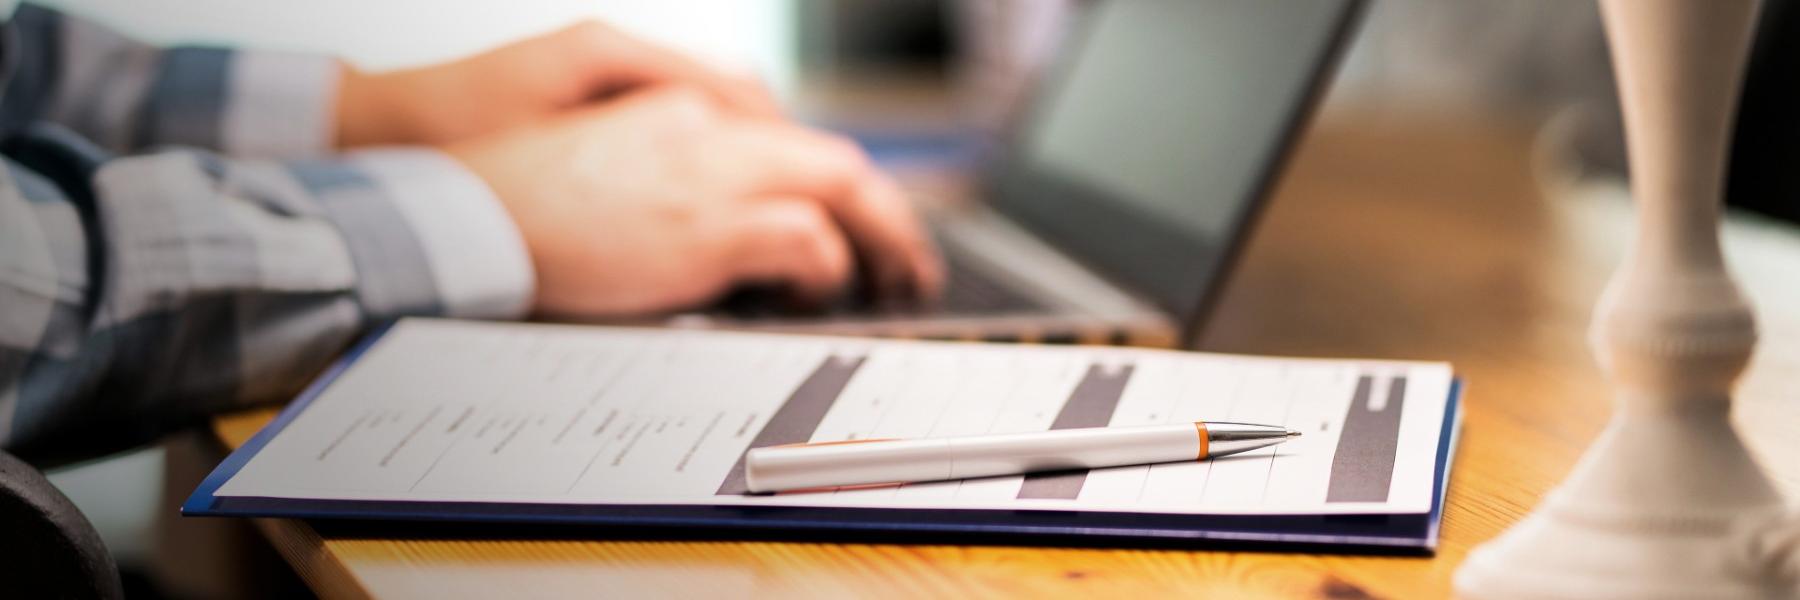 İletişim alanlarından oluşan iletişim formu ve laptop görseli